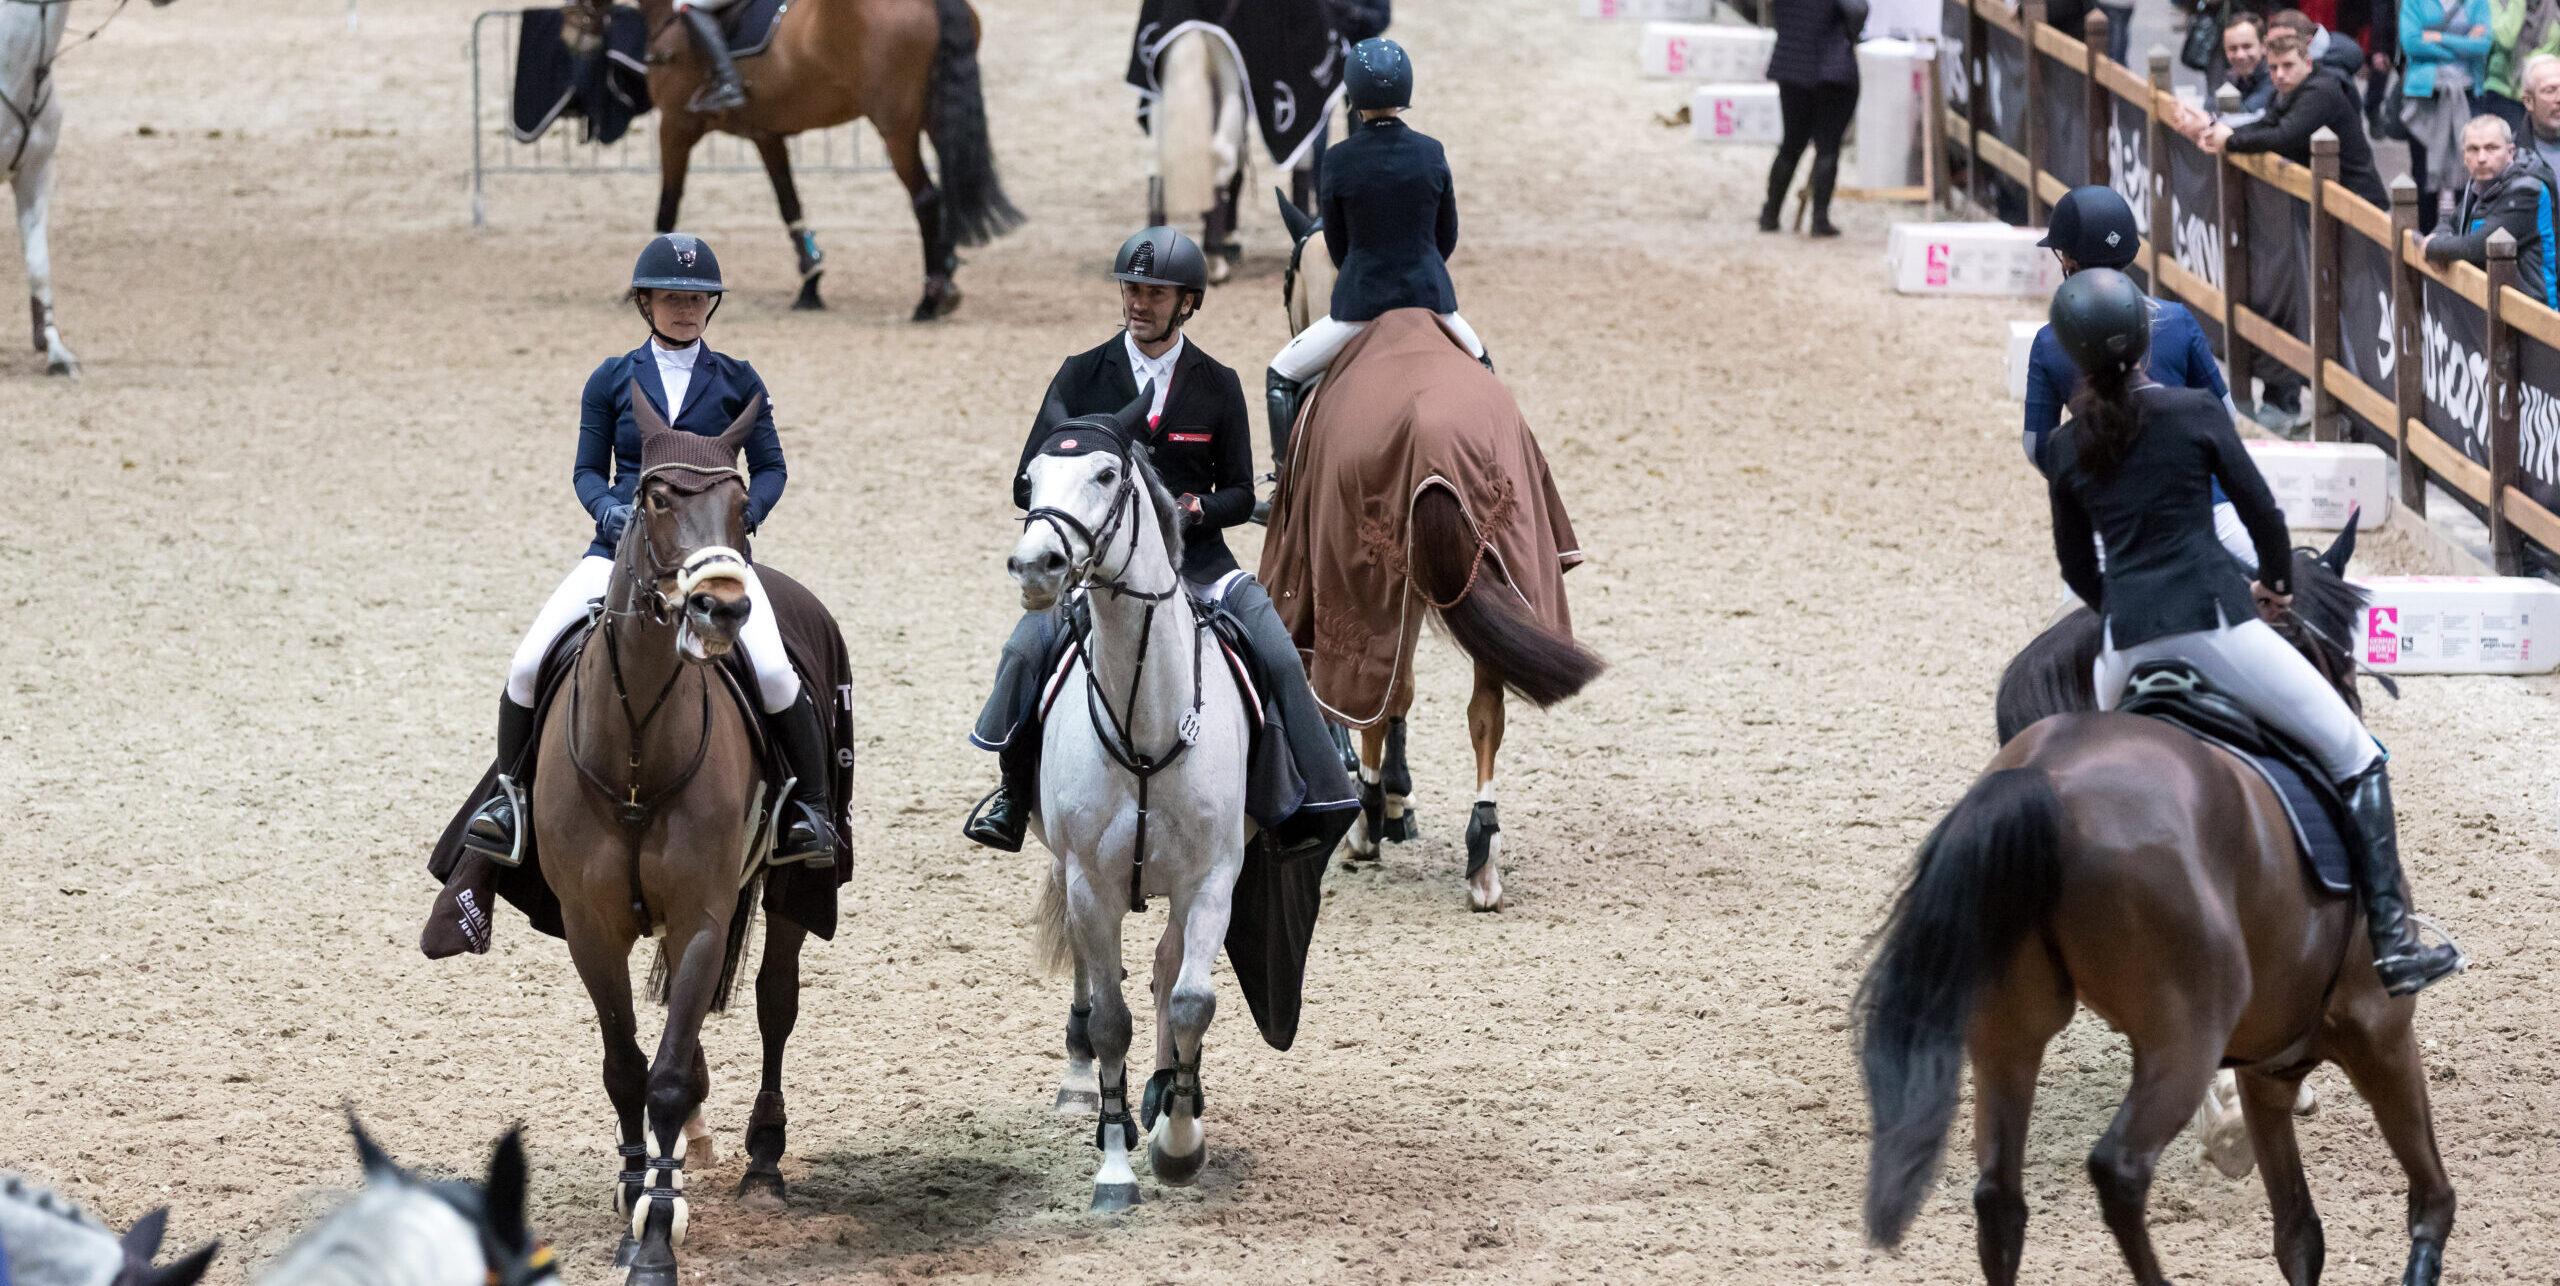 Auf einem Sandplatz reiten Pferdesportler mit ihren Pferden auf und ab. Sie berieten sich für die Sparkassen Sport-Gala vor. An einer Begrenzung des Platzes stehen zahlreiche Besucher, Foto: Tom Schulze.